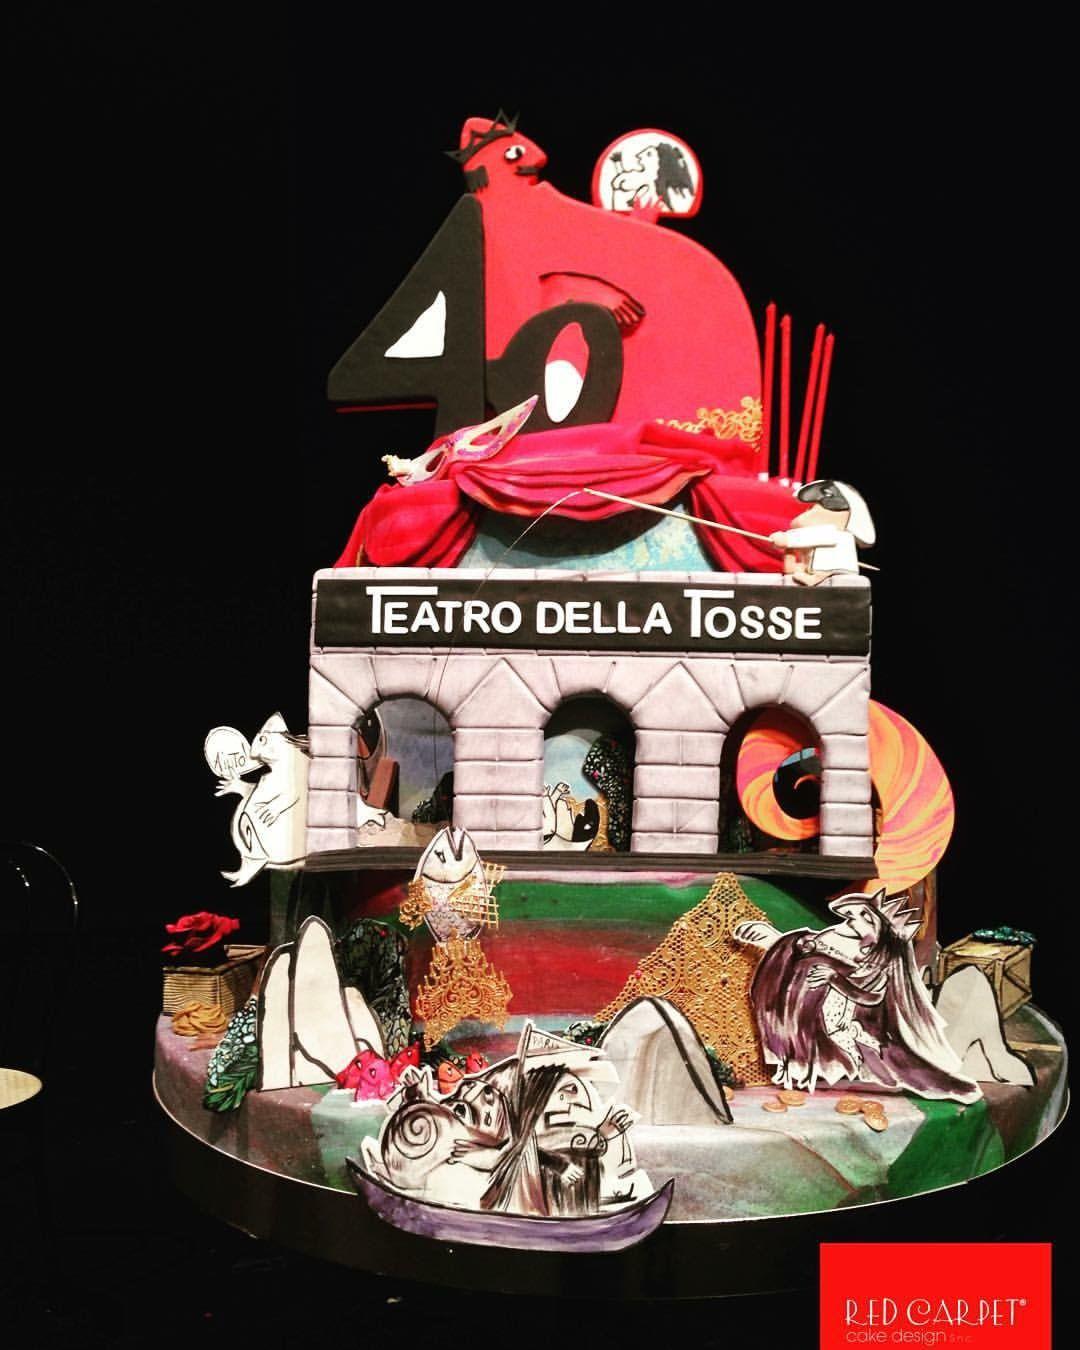 Theatre Cake(for 40' birthday Teatro della Tosse- Lele Luzzati) by RedCarpetCakeDesign www.redcarpetcakedesign.it